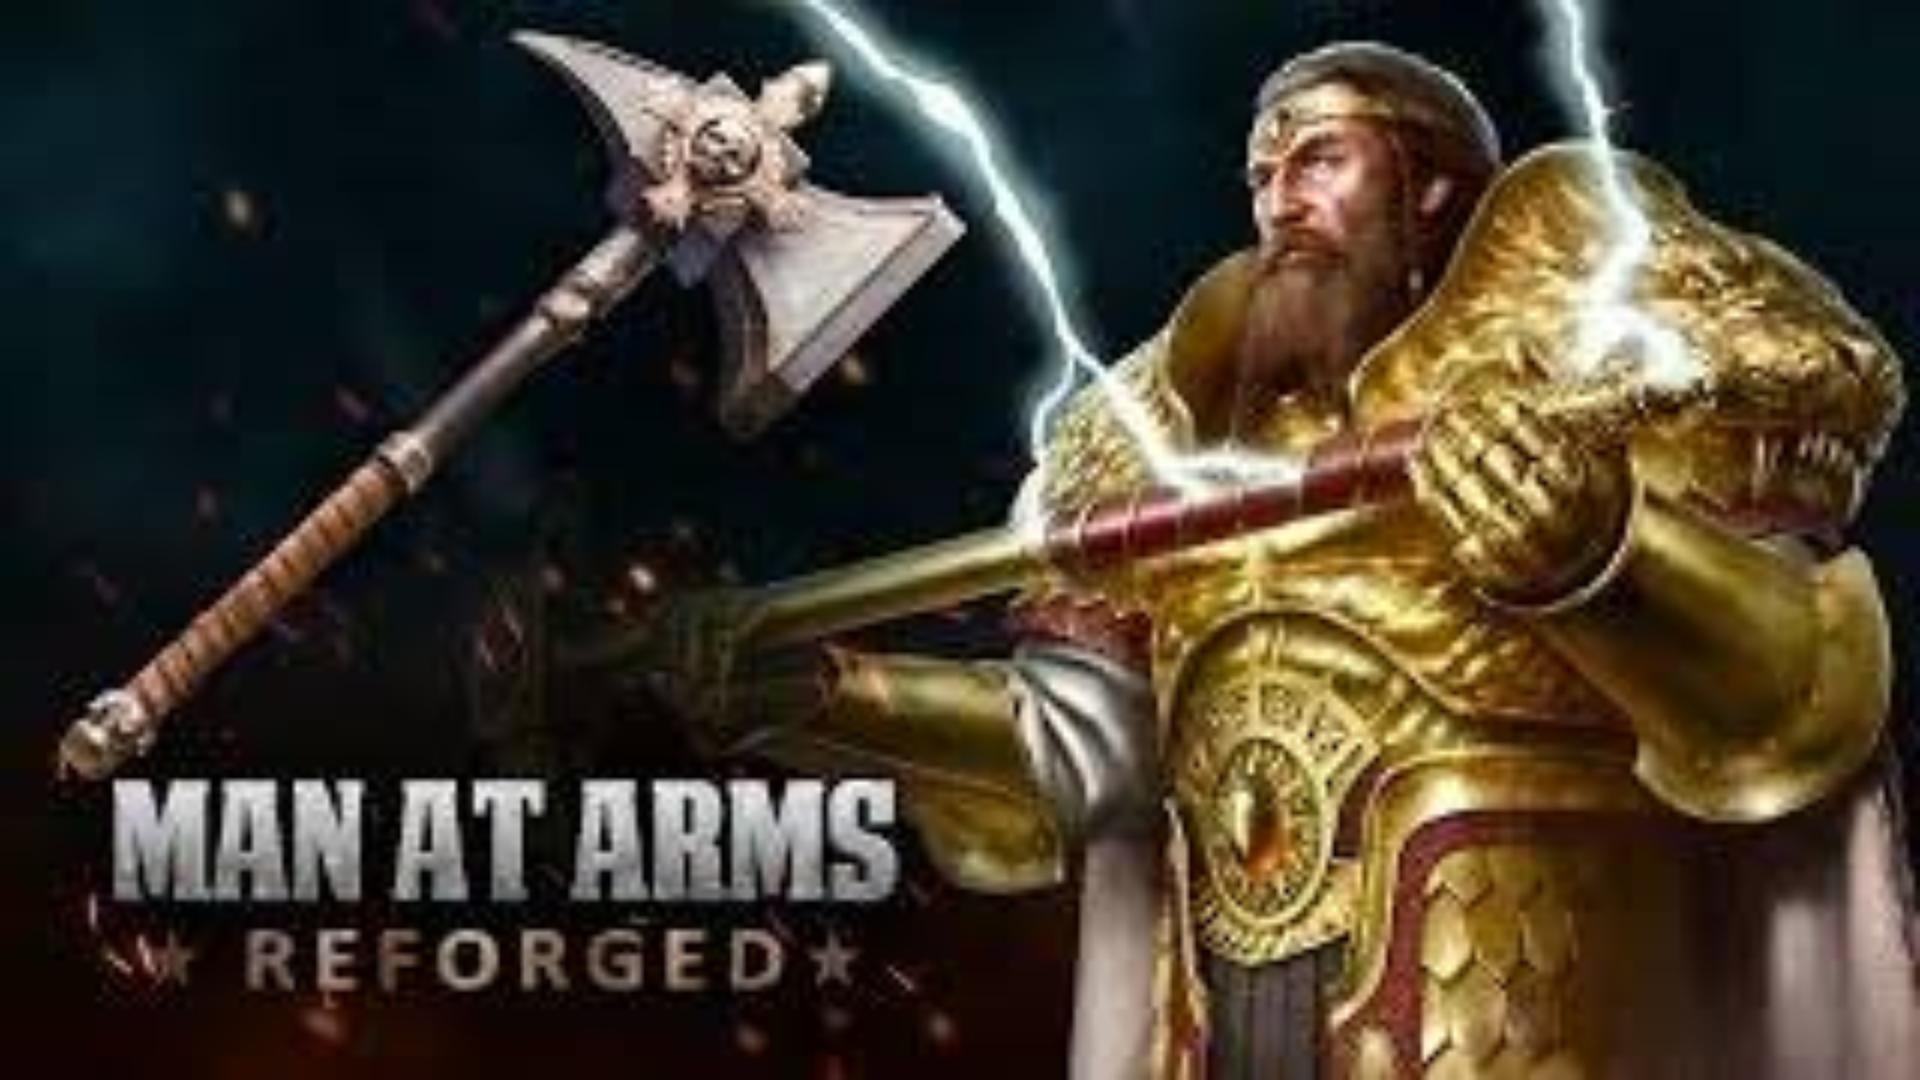 武器人间:重铸—西格玛的战锤(战锤)MAN AT ARMS: REFORGED【中文字幕】